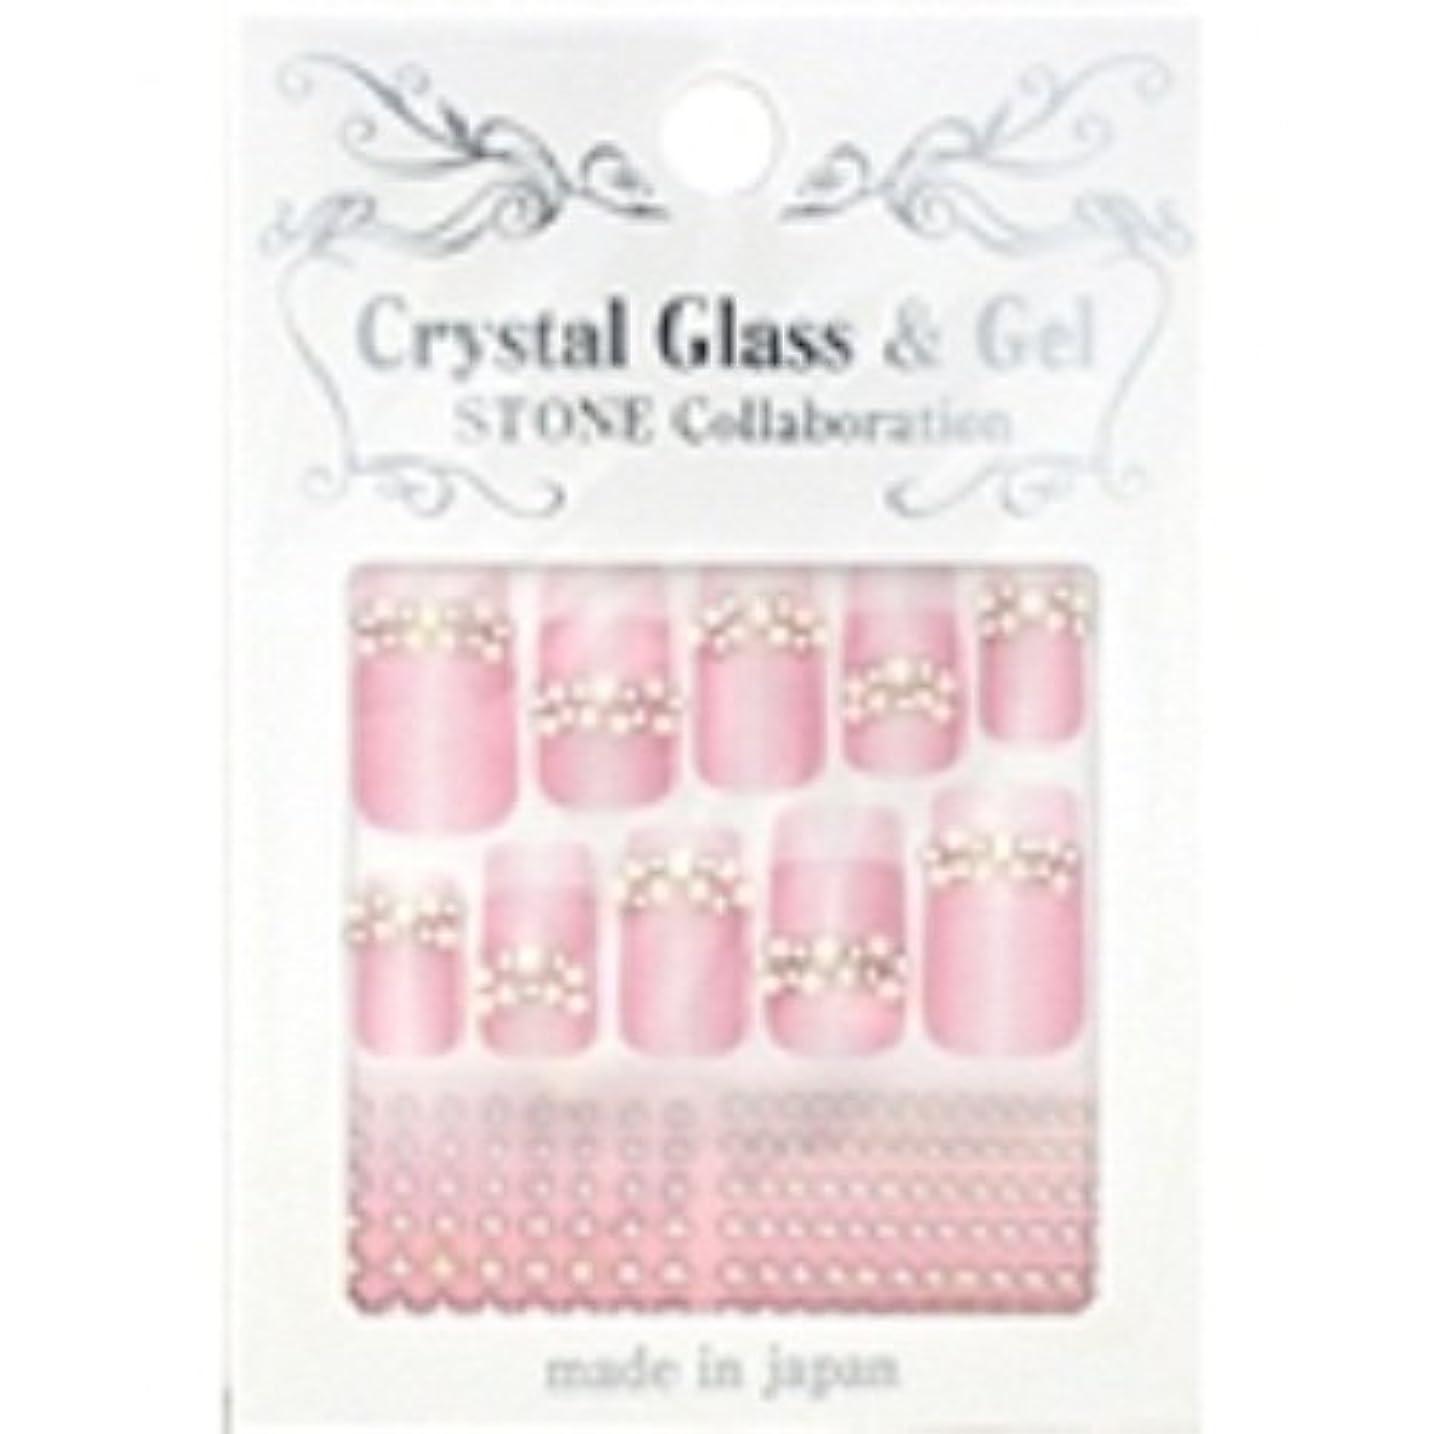 幾分マッサージコントローラBN クリスタルガラス&ジェル ストーンコラボレーション PSS-8